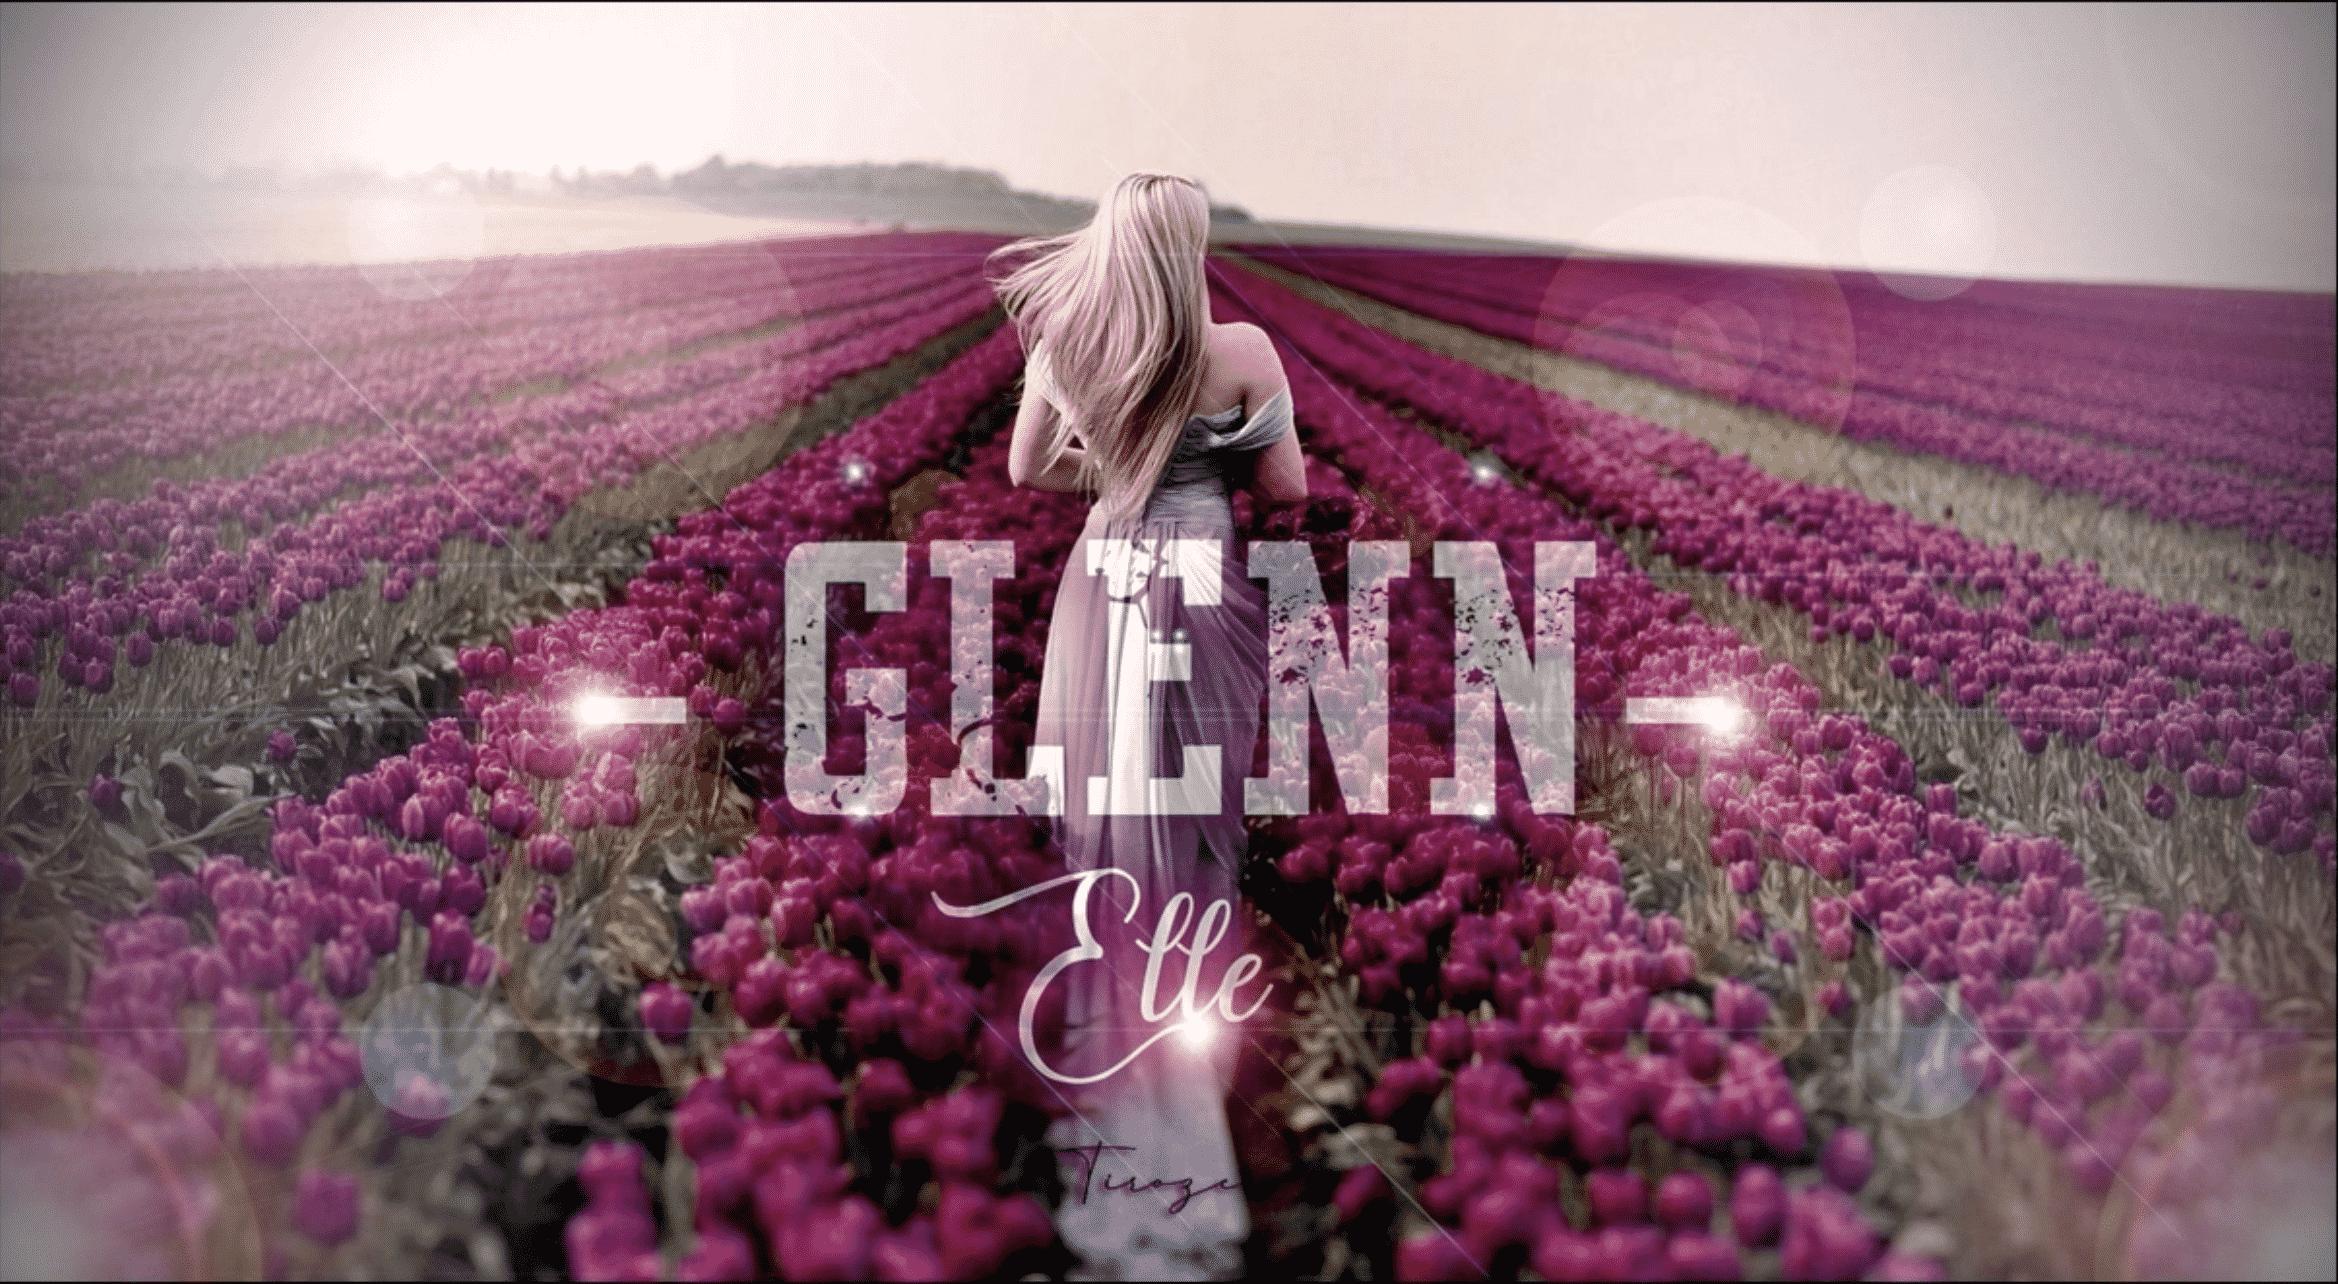 Glenn nous parle d'Elle dans son nouveau titre éponyme